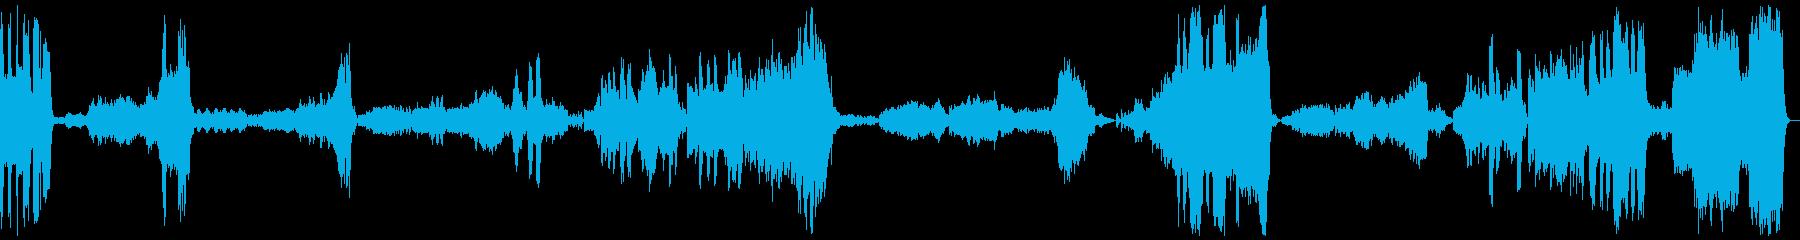 『こうもり』 序曲の再生済みの波形